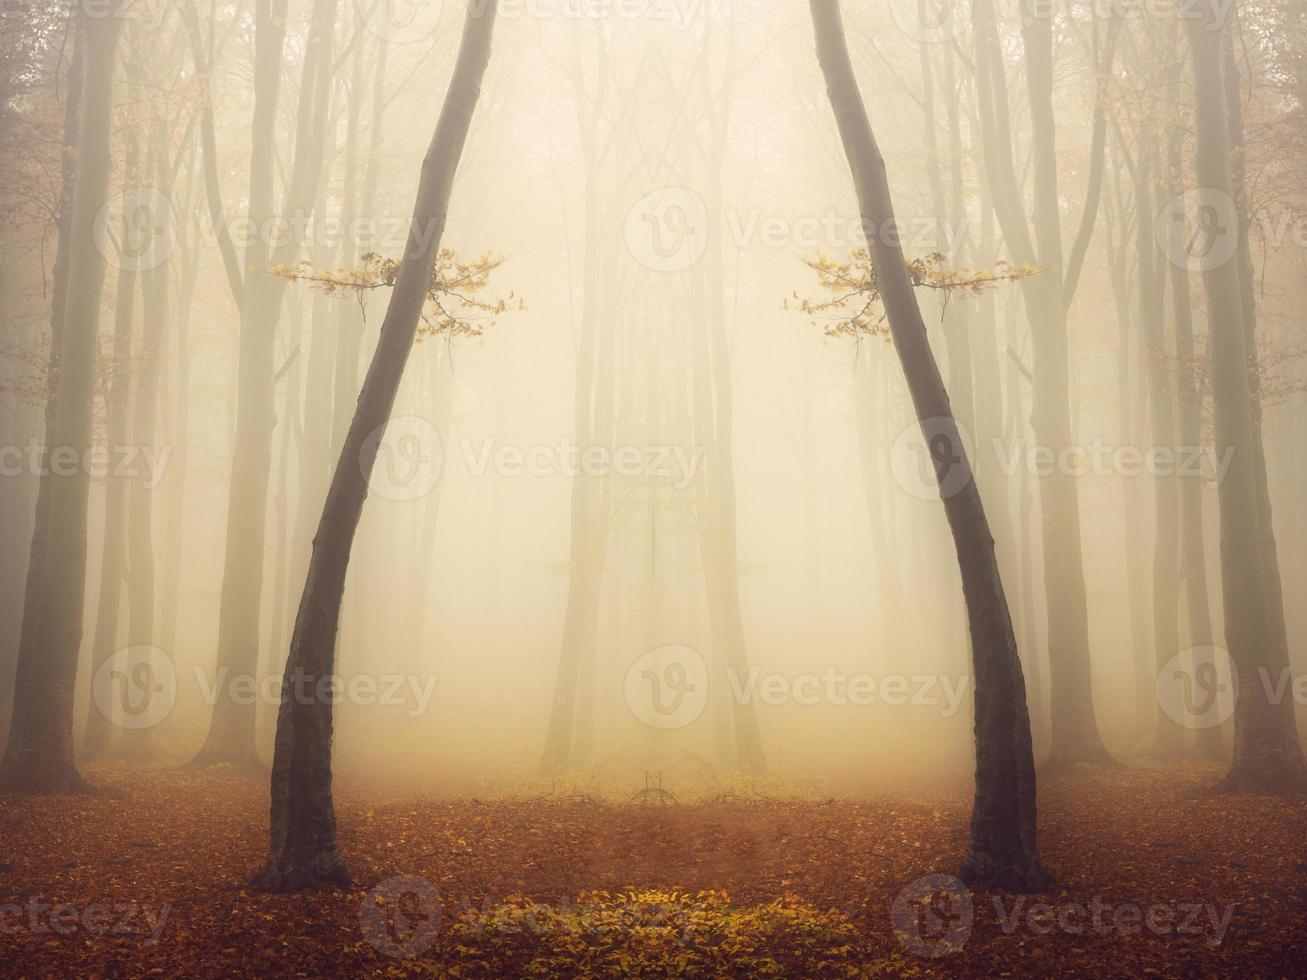 simetria mágica em floresta nebulosa foto